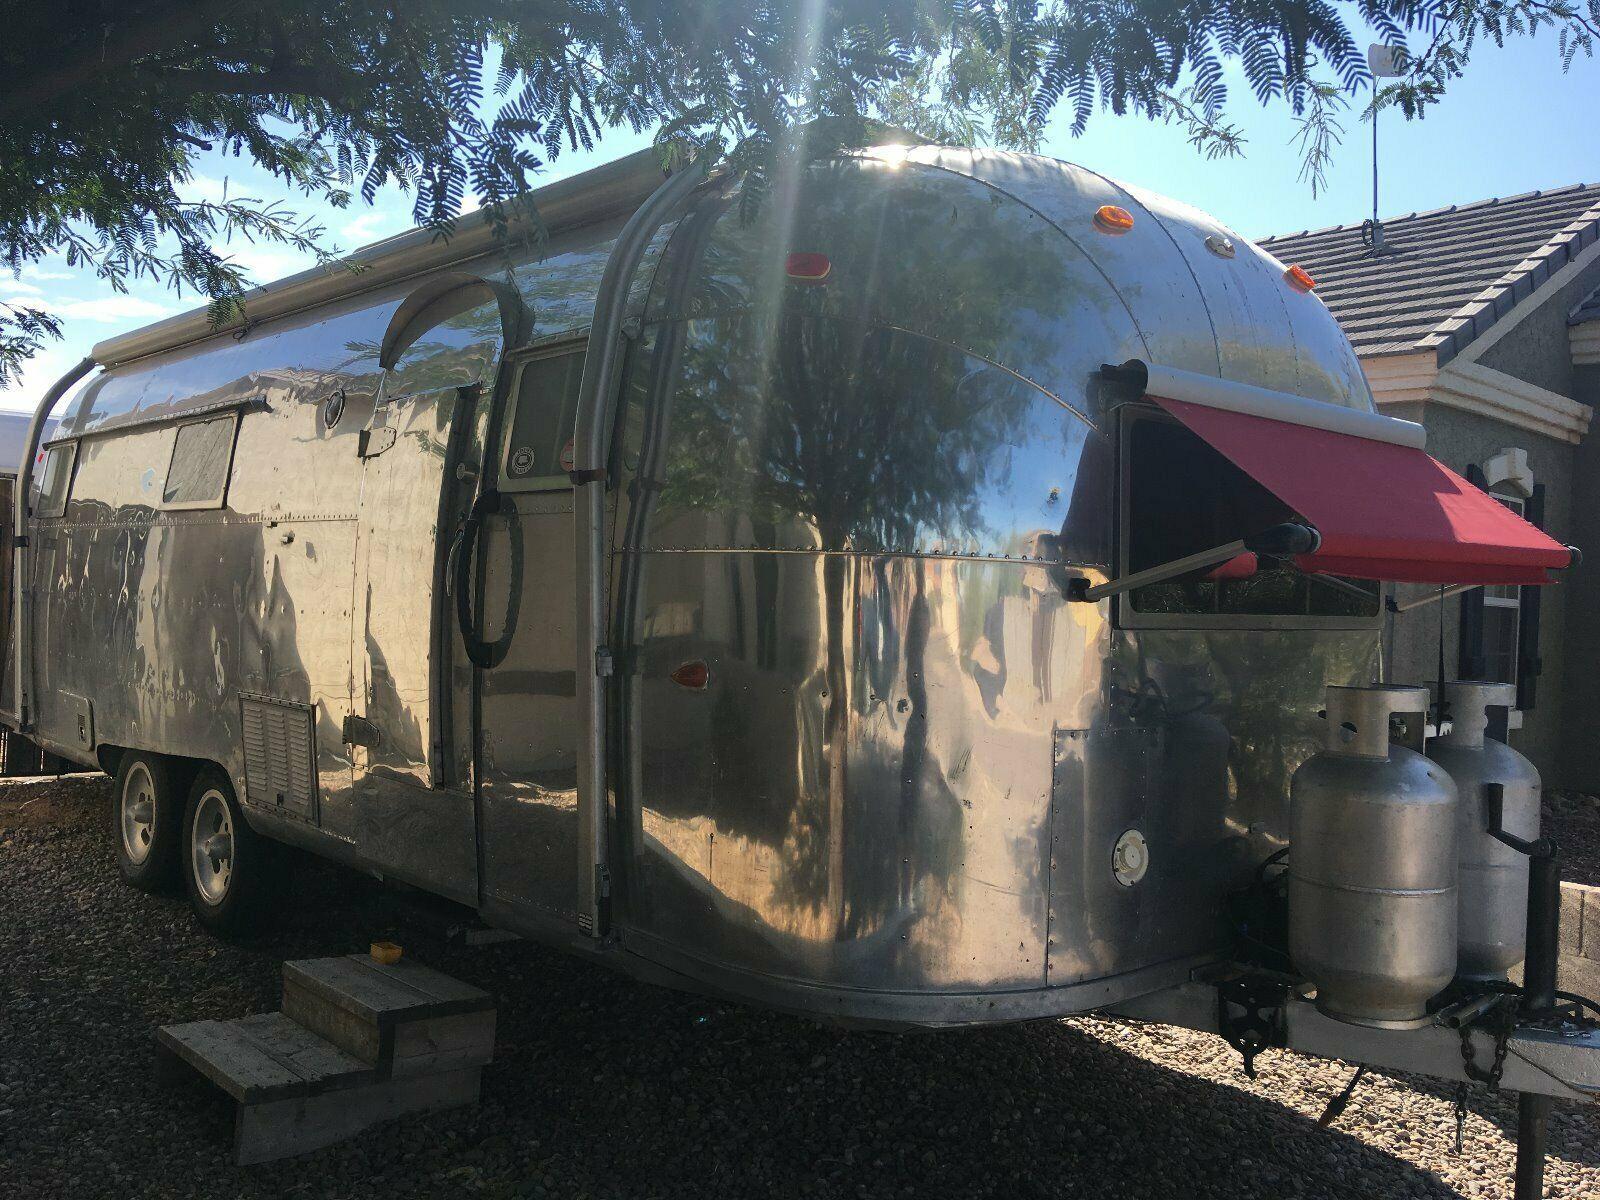 restored 1957 Airstream camper